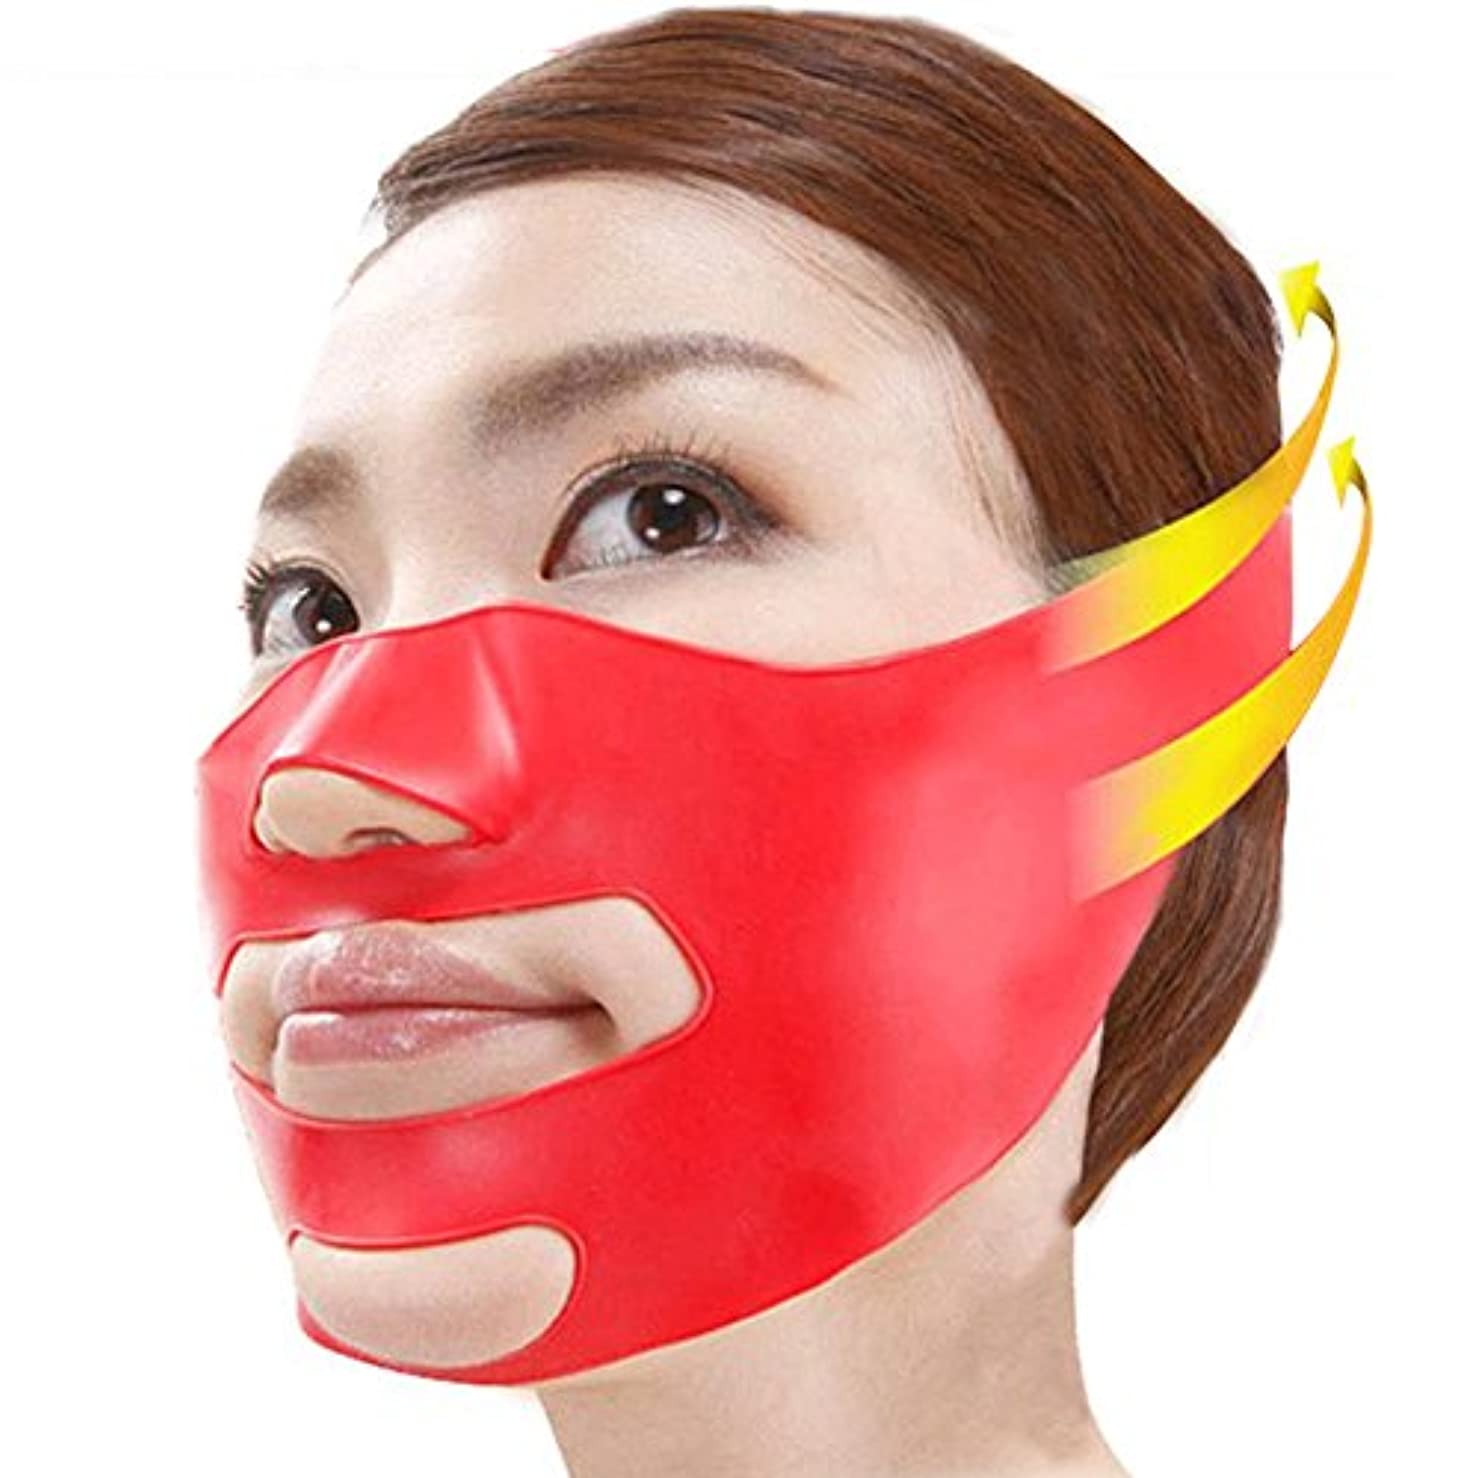 提案する厚くする地下鉄3D 小顔 マッサージグッズ フェイスマスク 美容 顔痩せ ほうれい線 消す グッズ 美顔 矯正 (フリーサイズ, レッド)